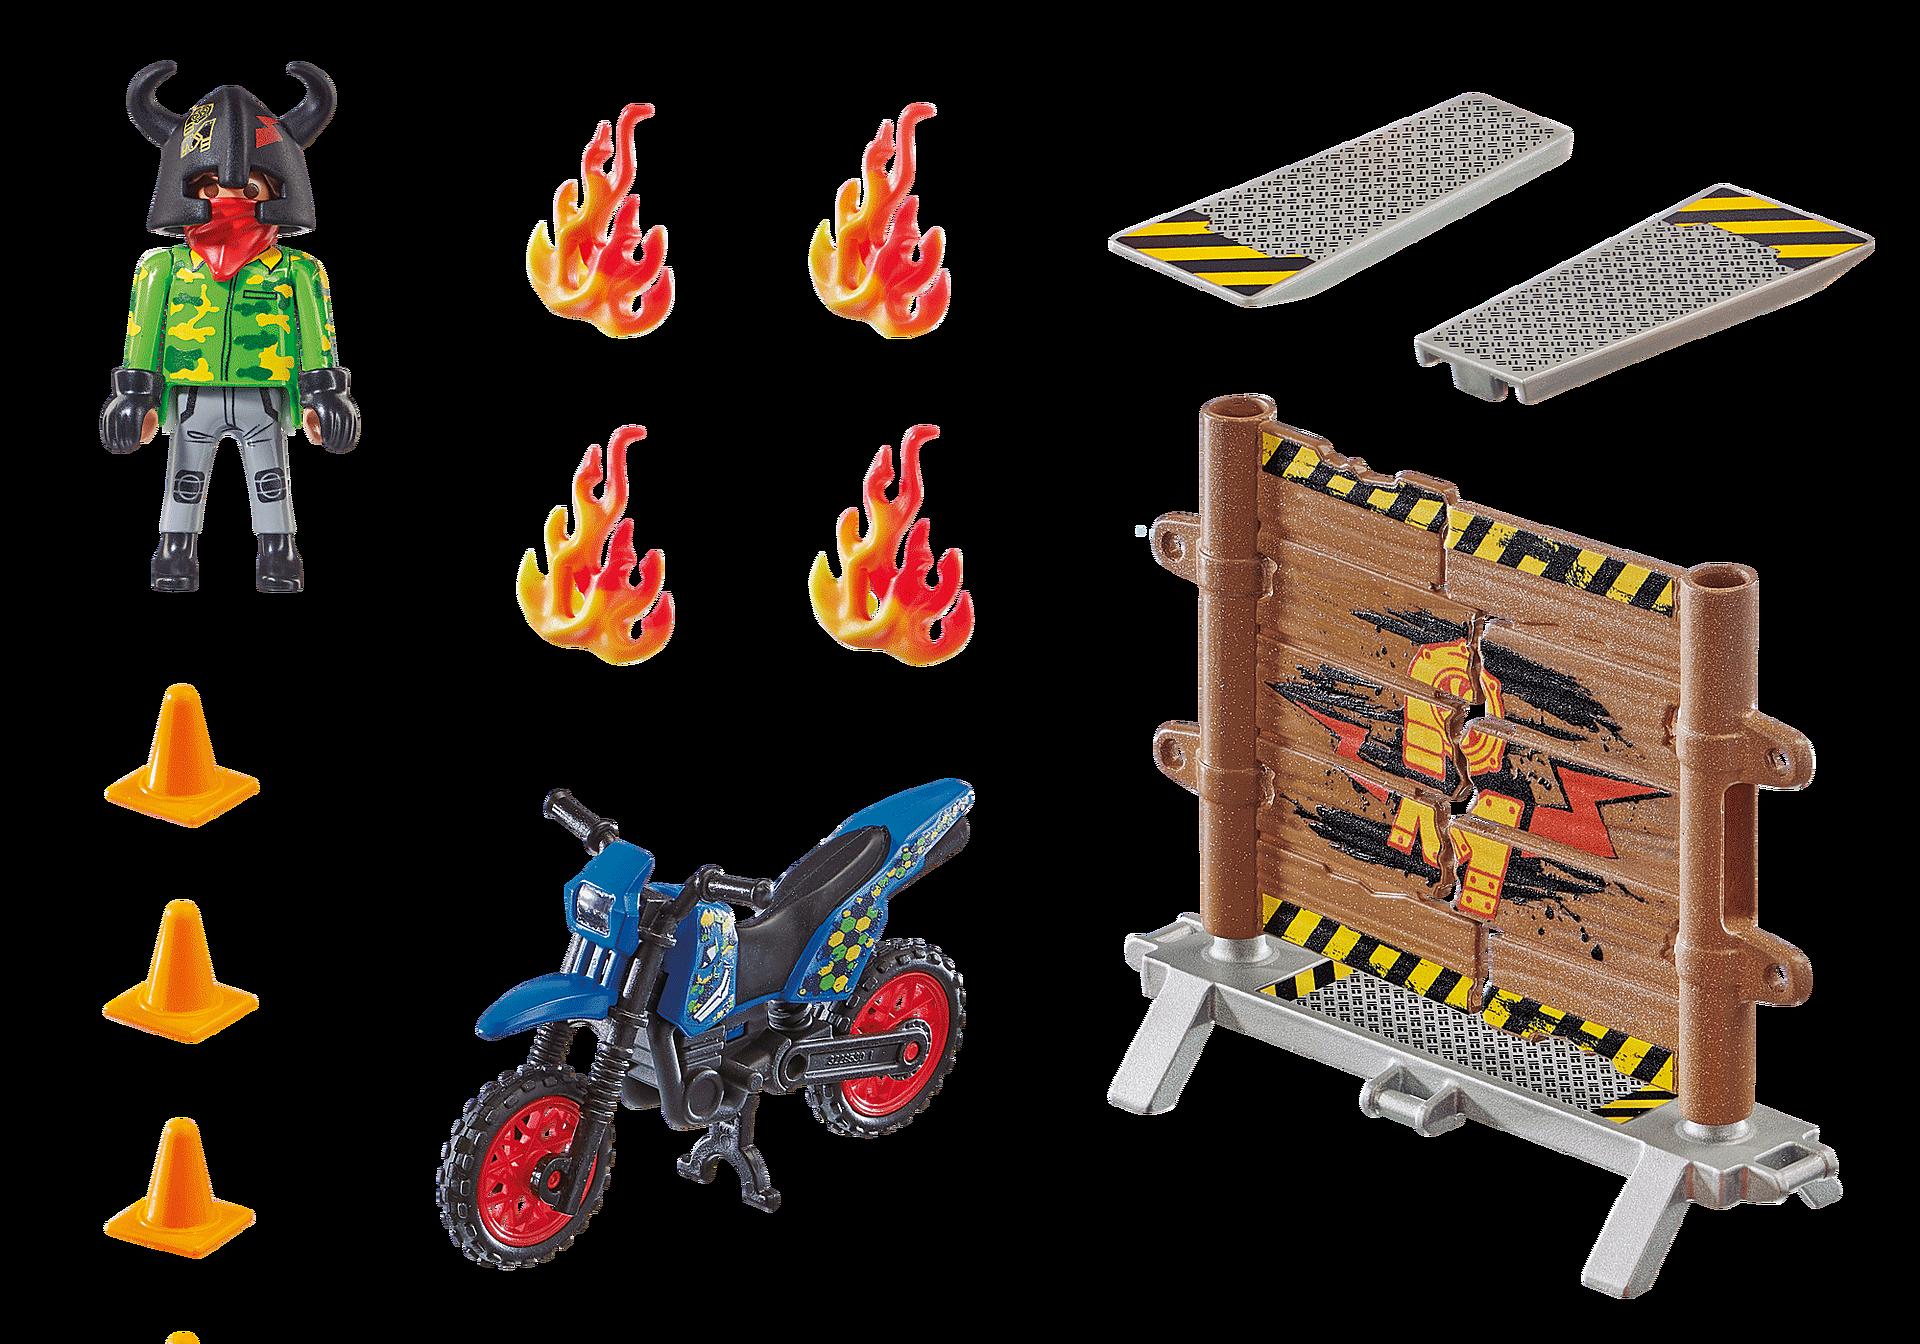 70553 Stuntshow Motorrad mit Feuerwand zoom image4